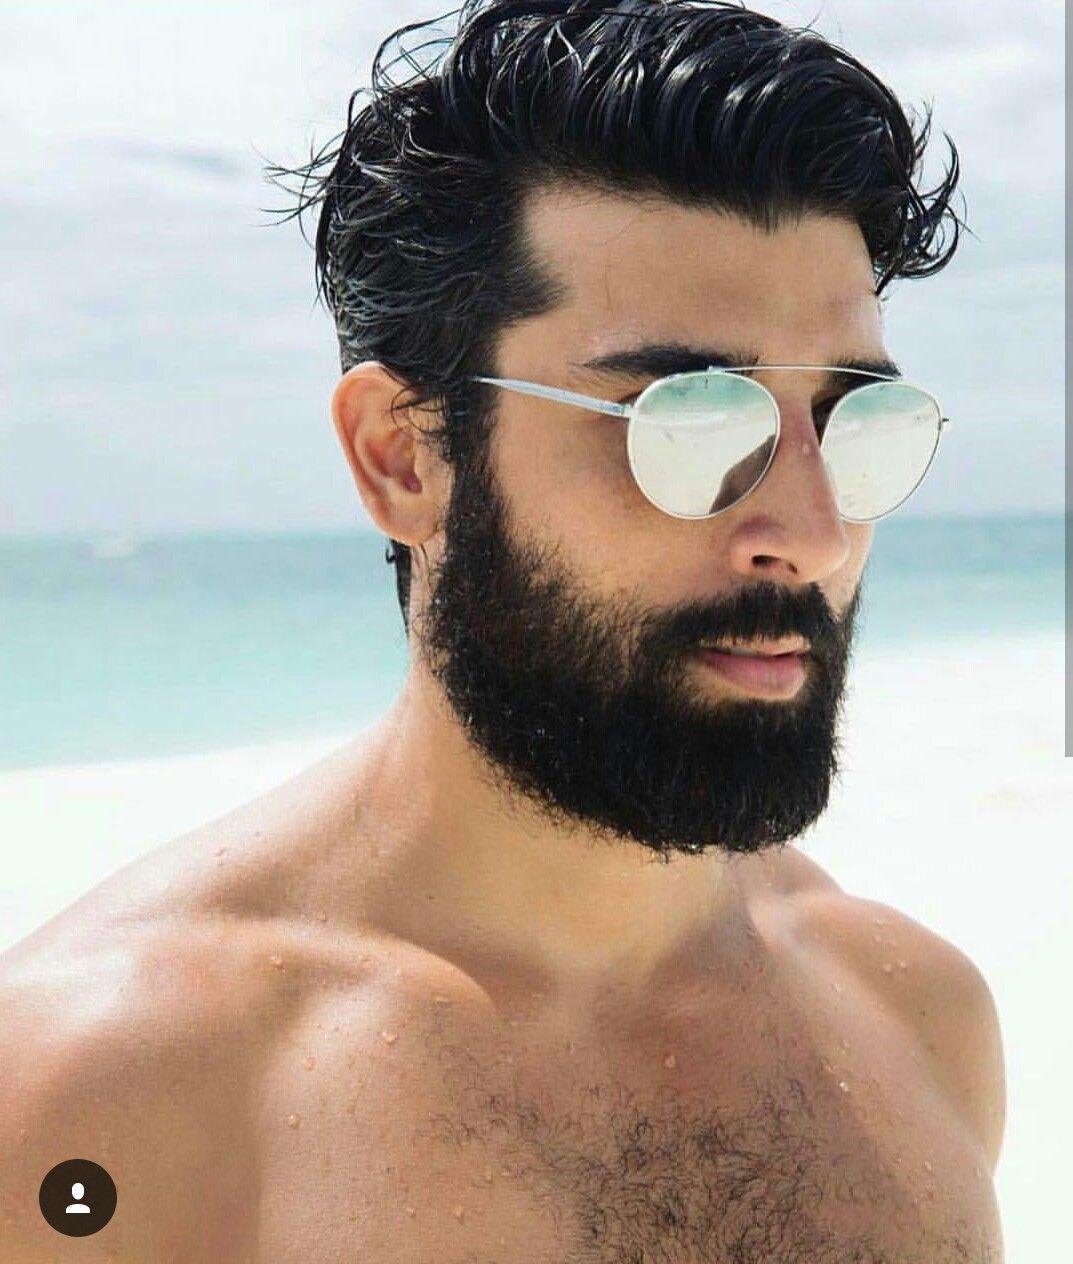 Y Kundan RaiSlick Sol Lentes HombreBarbas En De 2019 Beard 0PnXw8kO